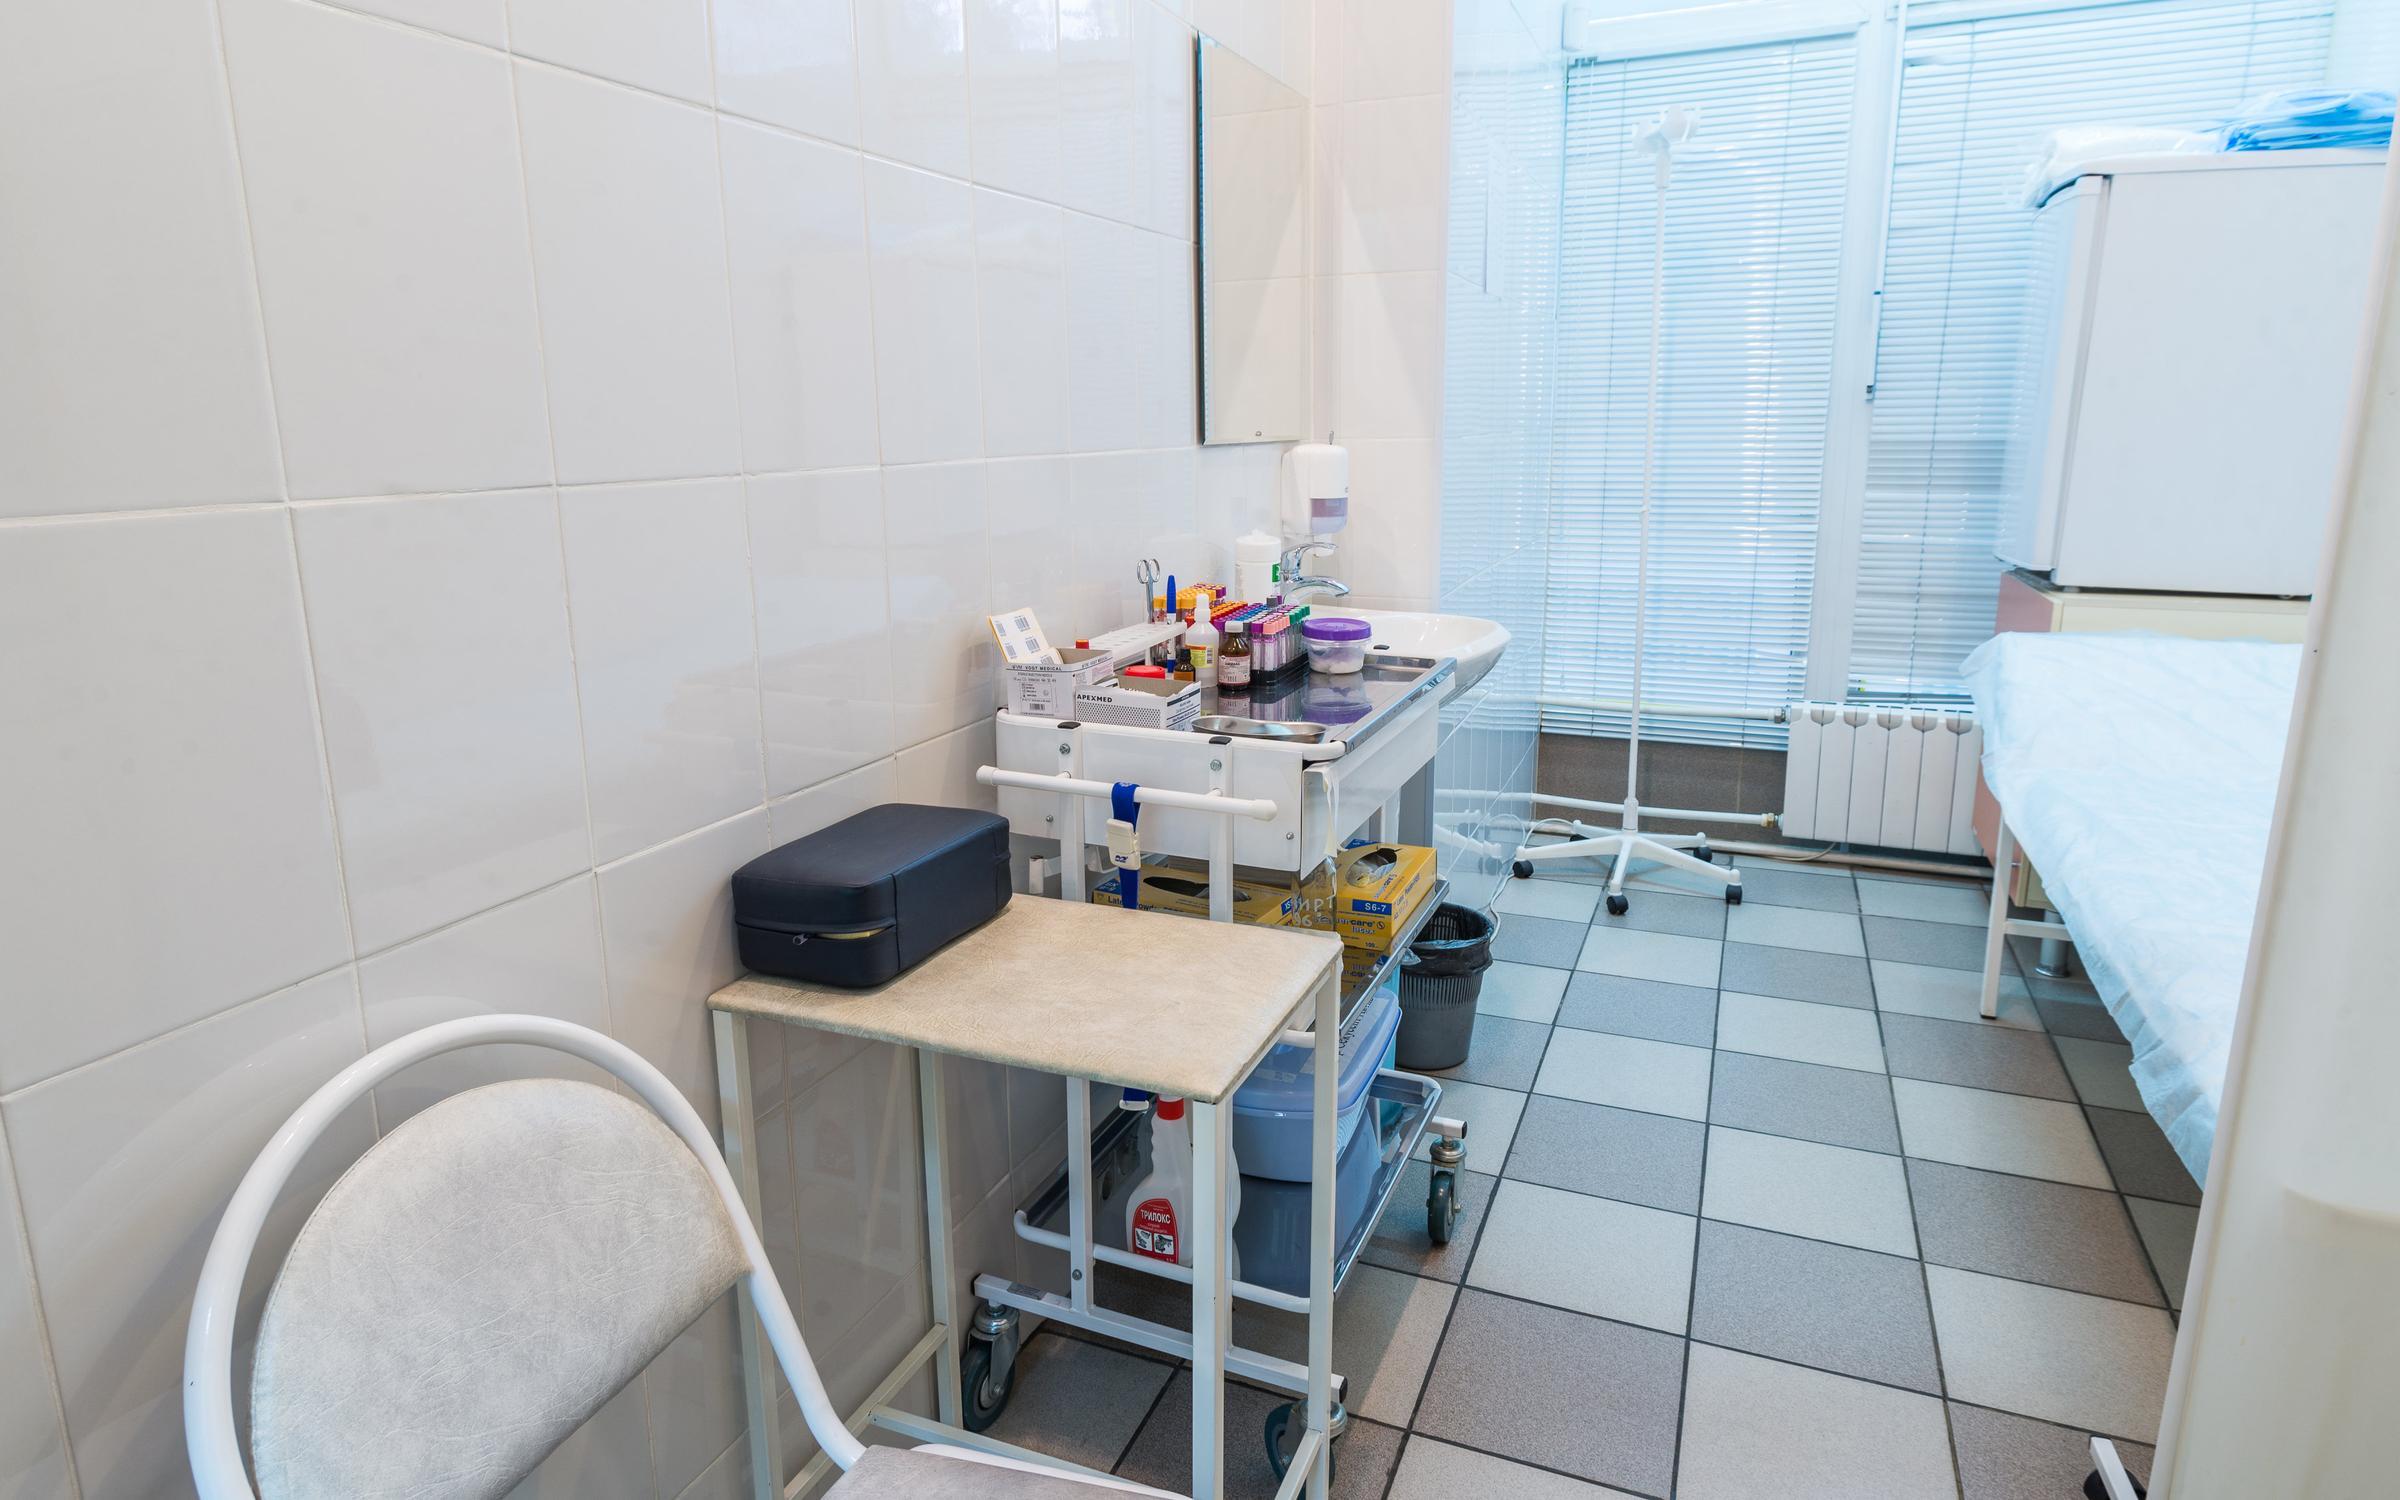 Ветеринарная клиника невский район на дыбенко